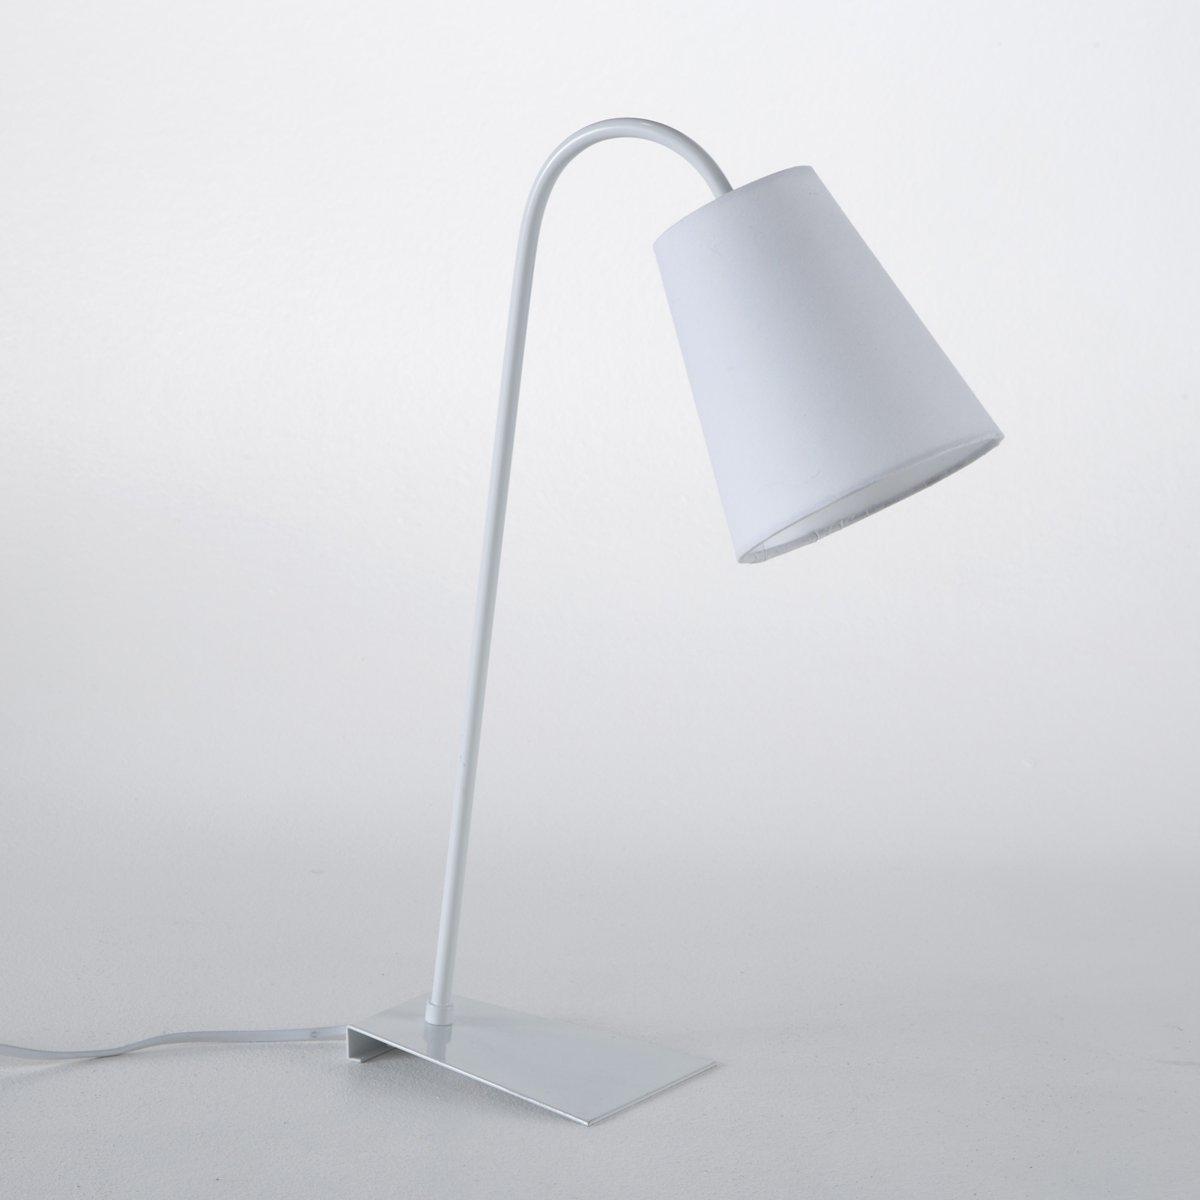 Лампа настольная из металла, PactusЛампа настольная из металла, Pactus . Современная настольная лампа с изысканным дизайном...Описание настольной лампы Pactus :Патрон E14 для флюокомпактной лампочки 8W (не входит в комплект)  .Этот светильник совместим с лампочками    энергетического класса   : A. Характеристики лампы Pactus :Ножки из алюминия с эпокидным покрытием Абажур из ткани  Найдите подходящий светильник для чтения высотой 138 см и всю коллекцию светильников на сайте laredoute.ru.Размеры лампы Pactus :Ширина :32 смВысота : 47 смГлубина : 13 см Размеры и вес коробки : 1 упаковка53 x 26 x 26 см .2,25 кг .<br><br>Цвет: белый,красный,сине-серый,черный